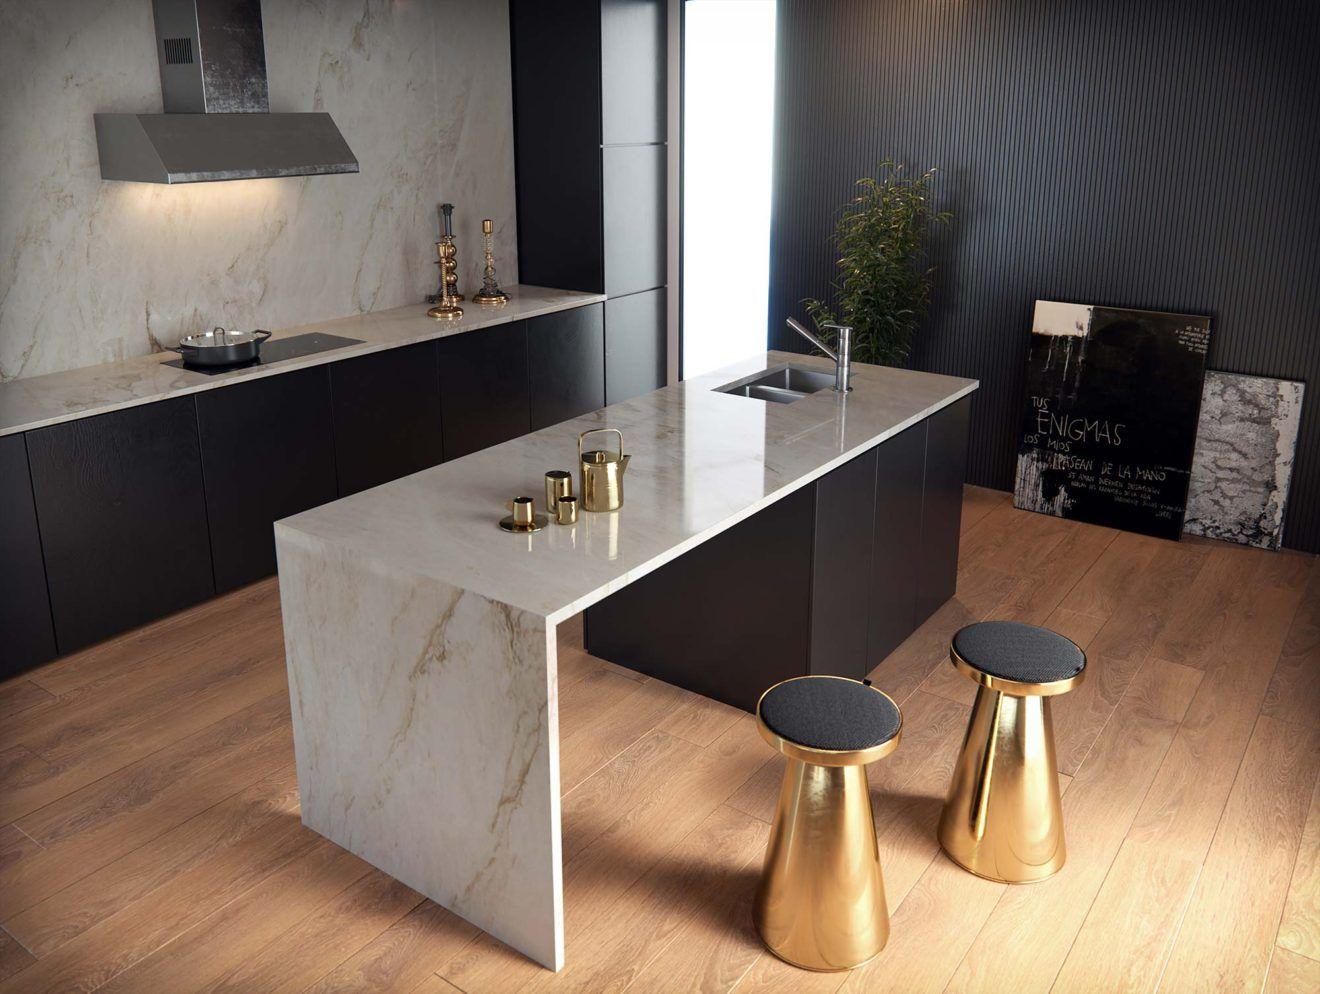 Plan Travail Cuisine Noir cuisine noir plan de travail marbre blanc - novocom.top